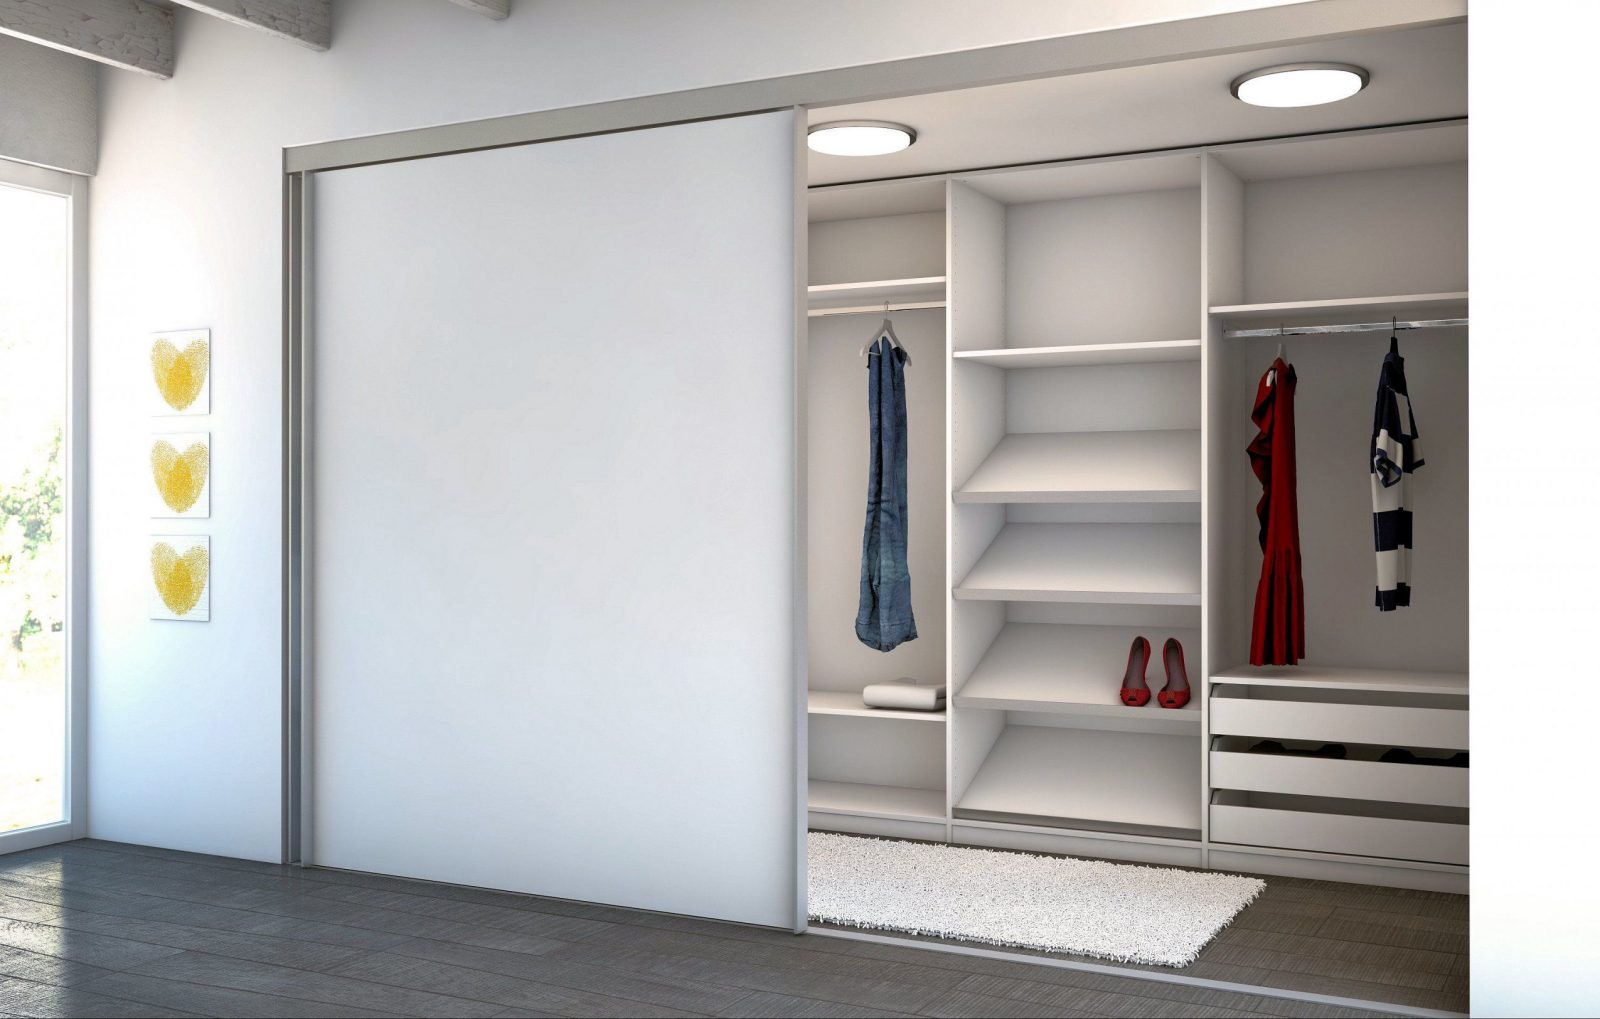 Kleiderschrank Selbst Bauen von Kleiderschrank Selber Bauen Kosten Bild